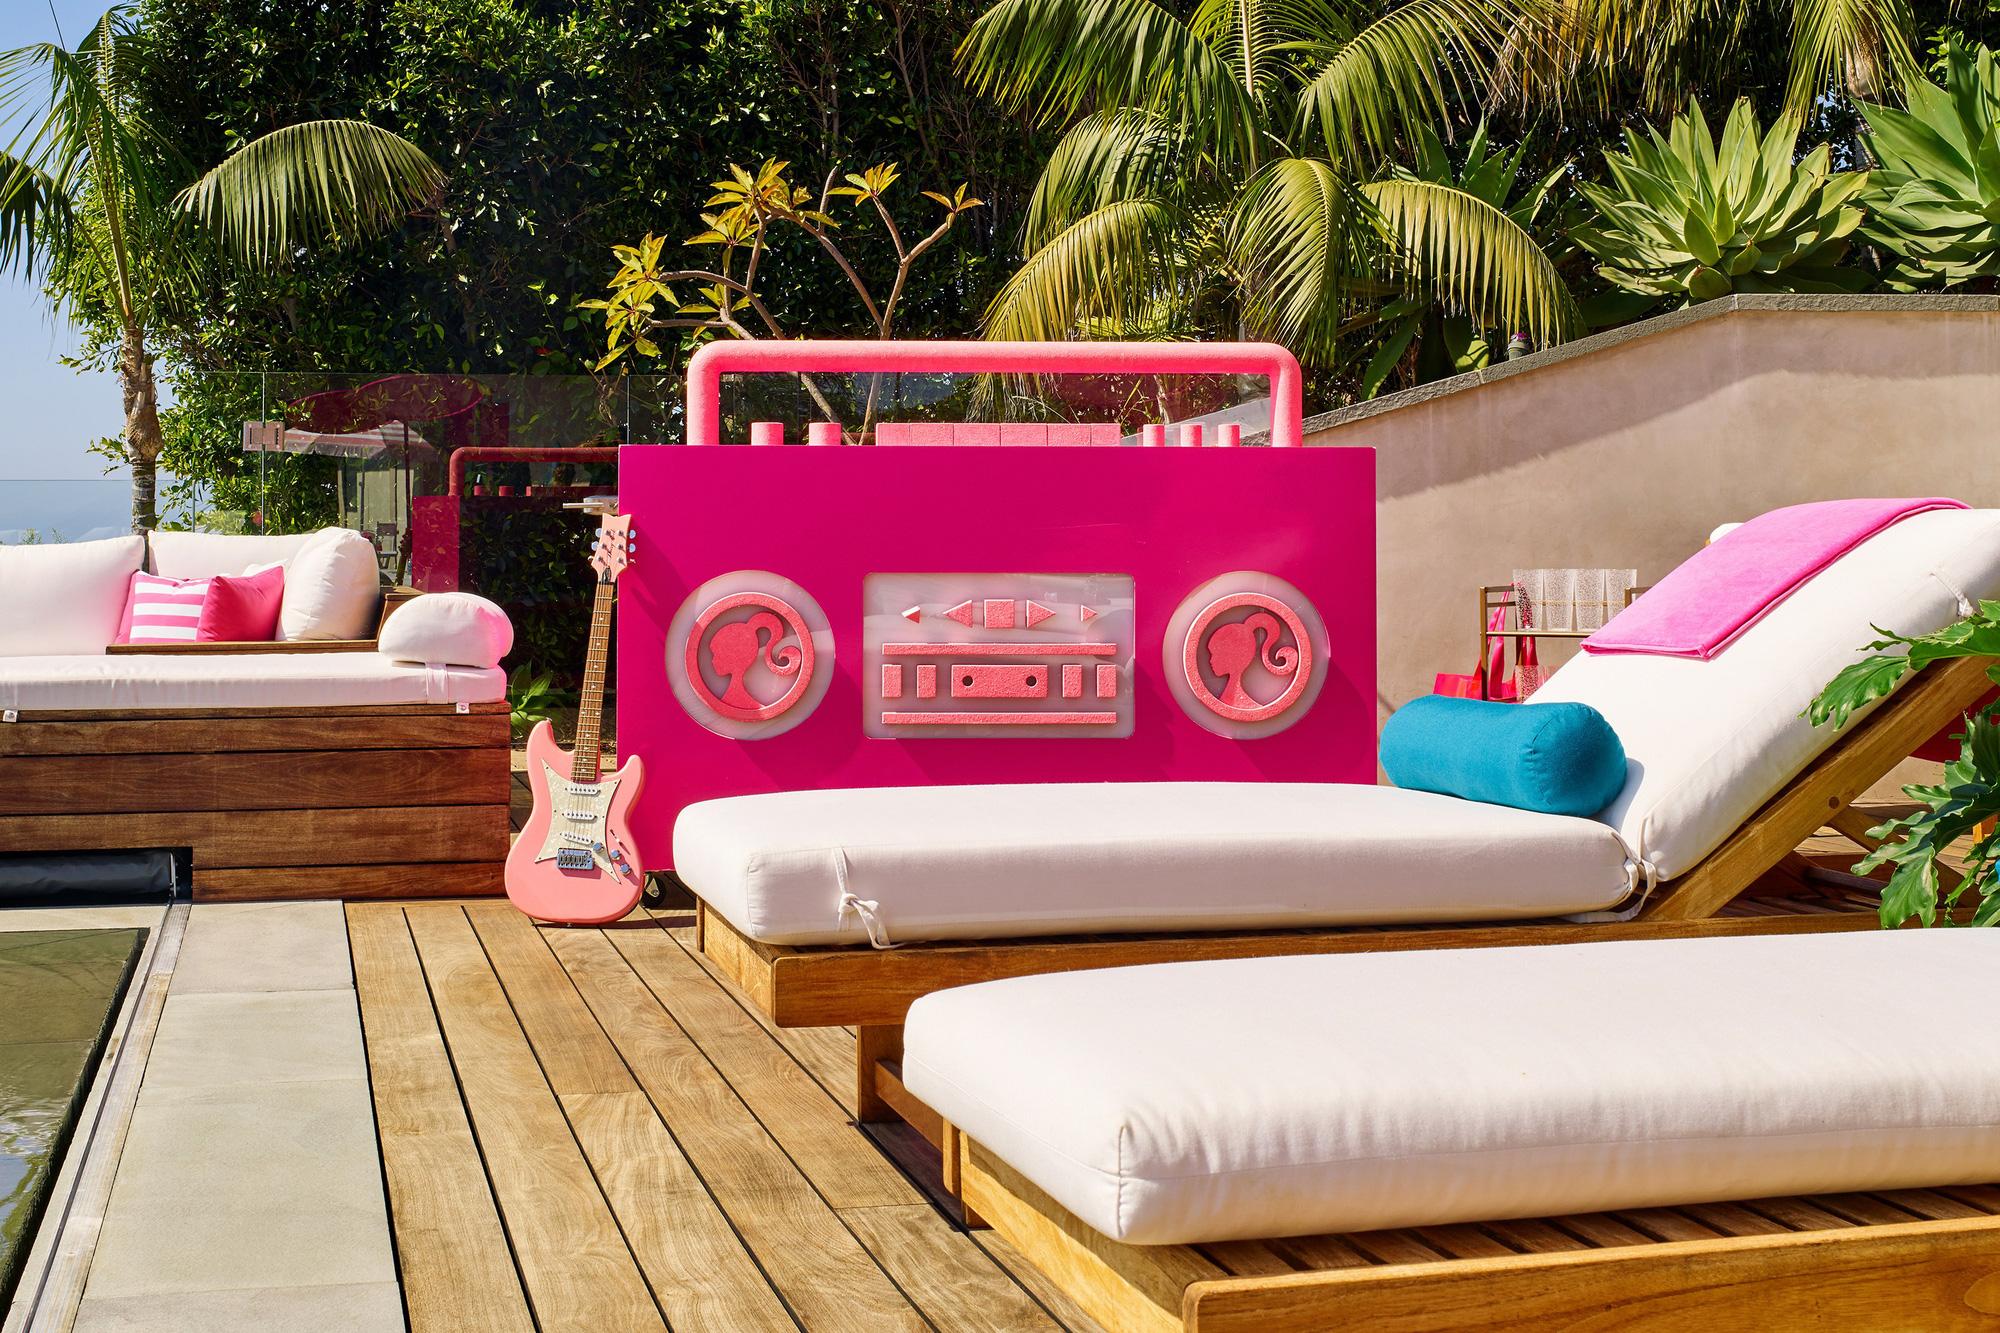 Ngôi nhà búp bê Barbie phiên bản hàng thật với giá 1,3 triệu/đêm, các cô gái nhanh tay xách vali lên nào - Ảnh 5.